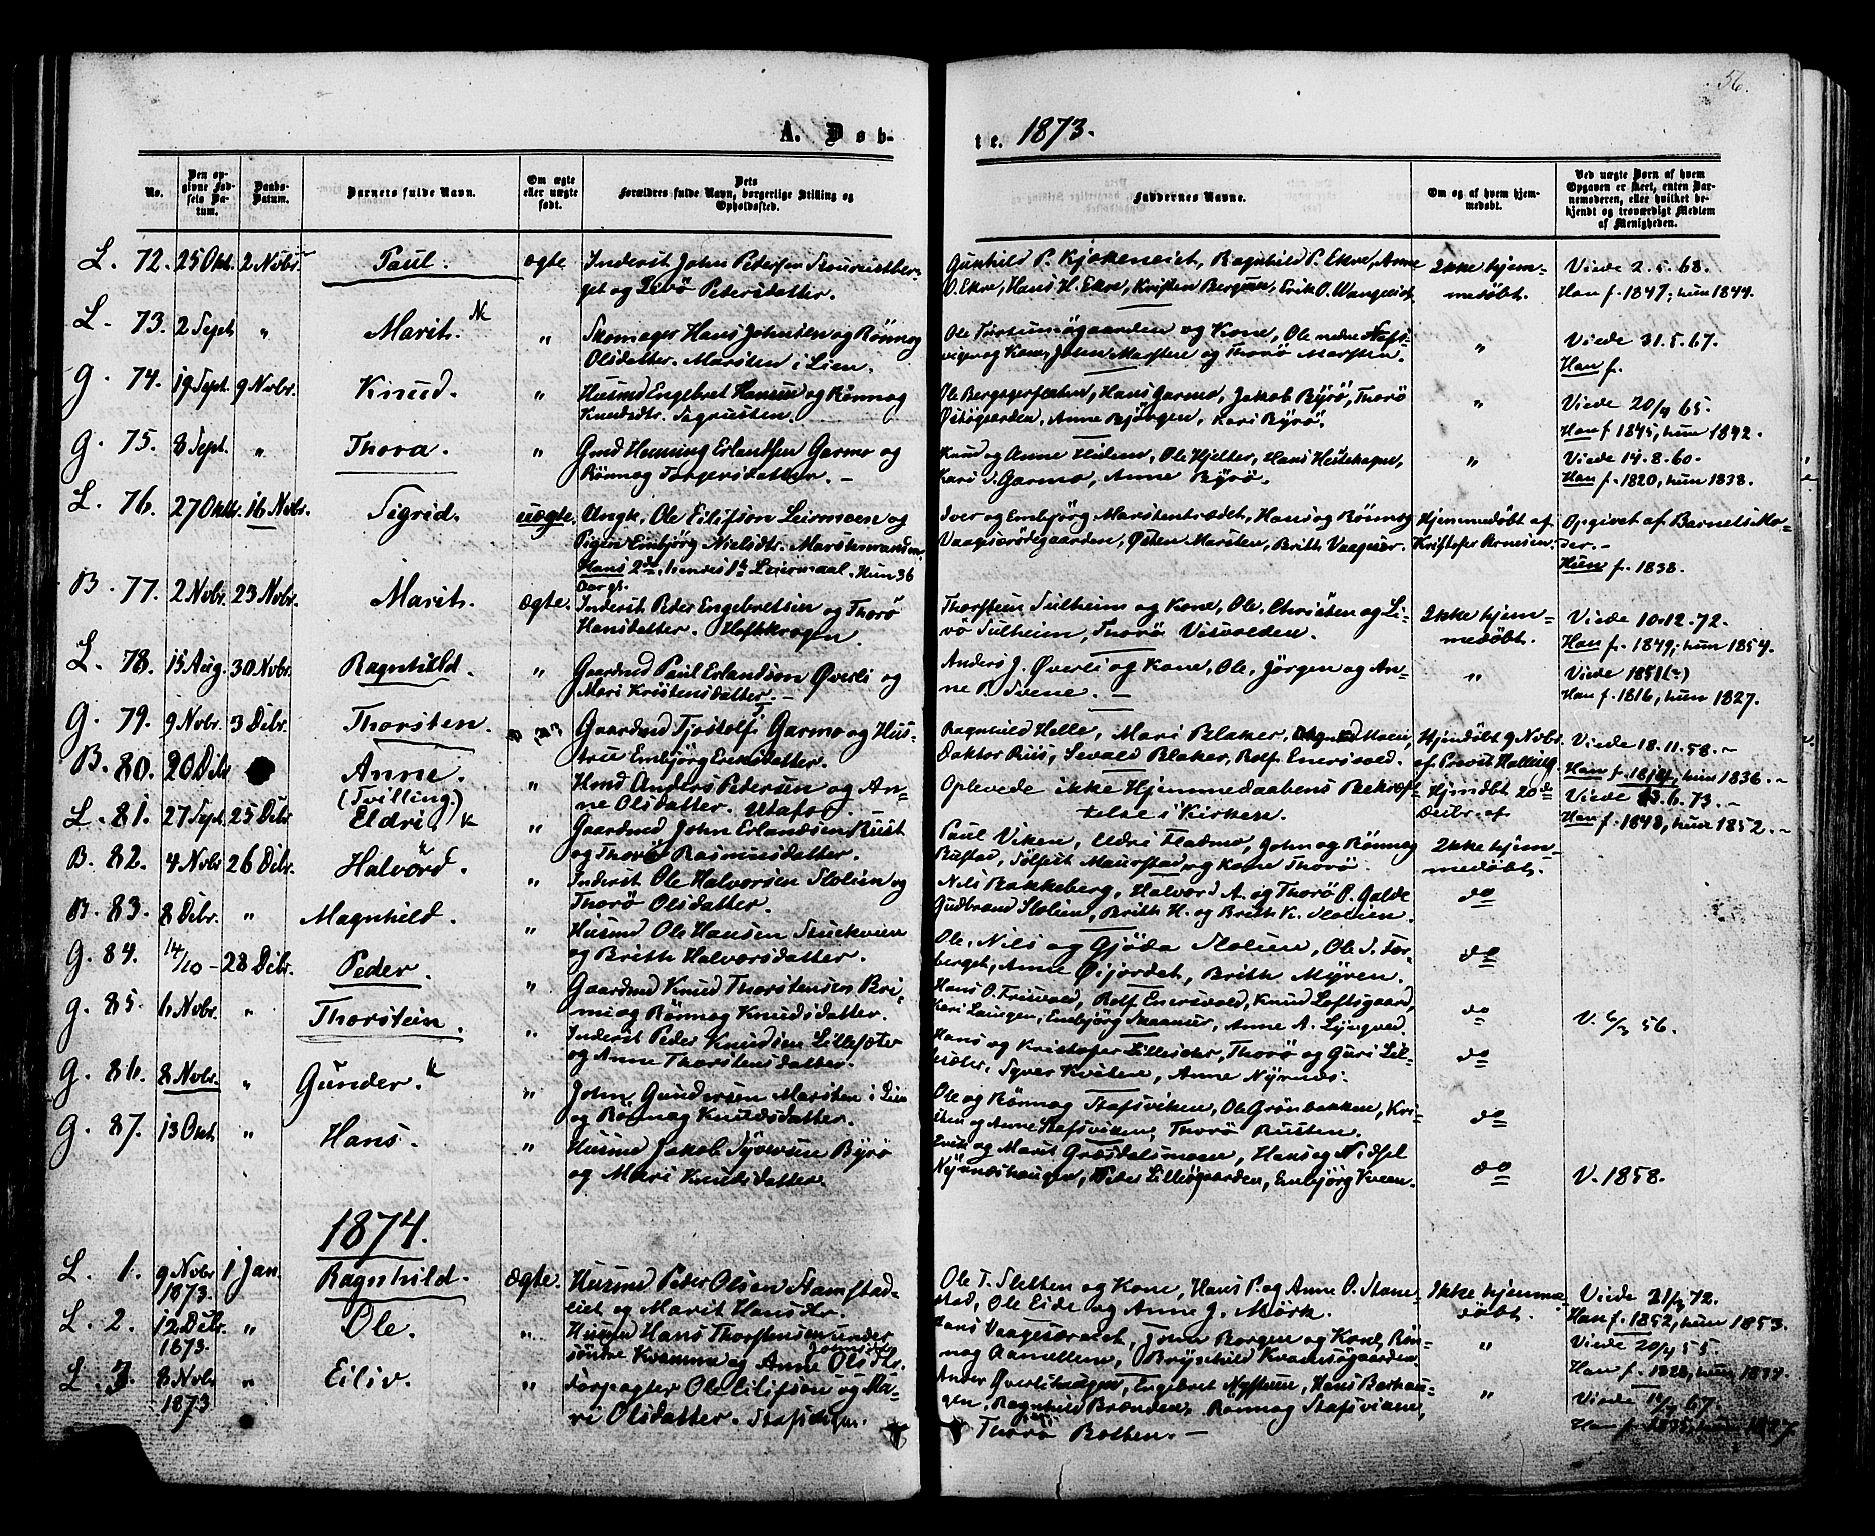 SAH, Lom prestekontor, K/L0007: Ministerialbok nr. 7, 1863-1884, s. 56